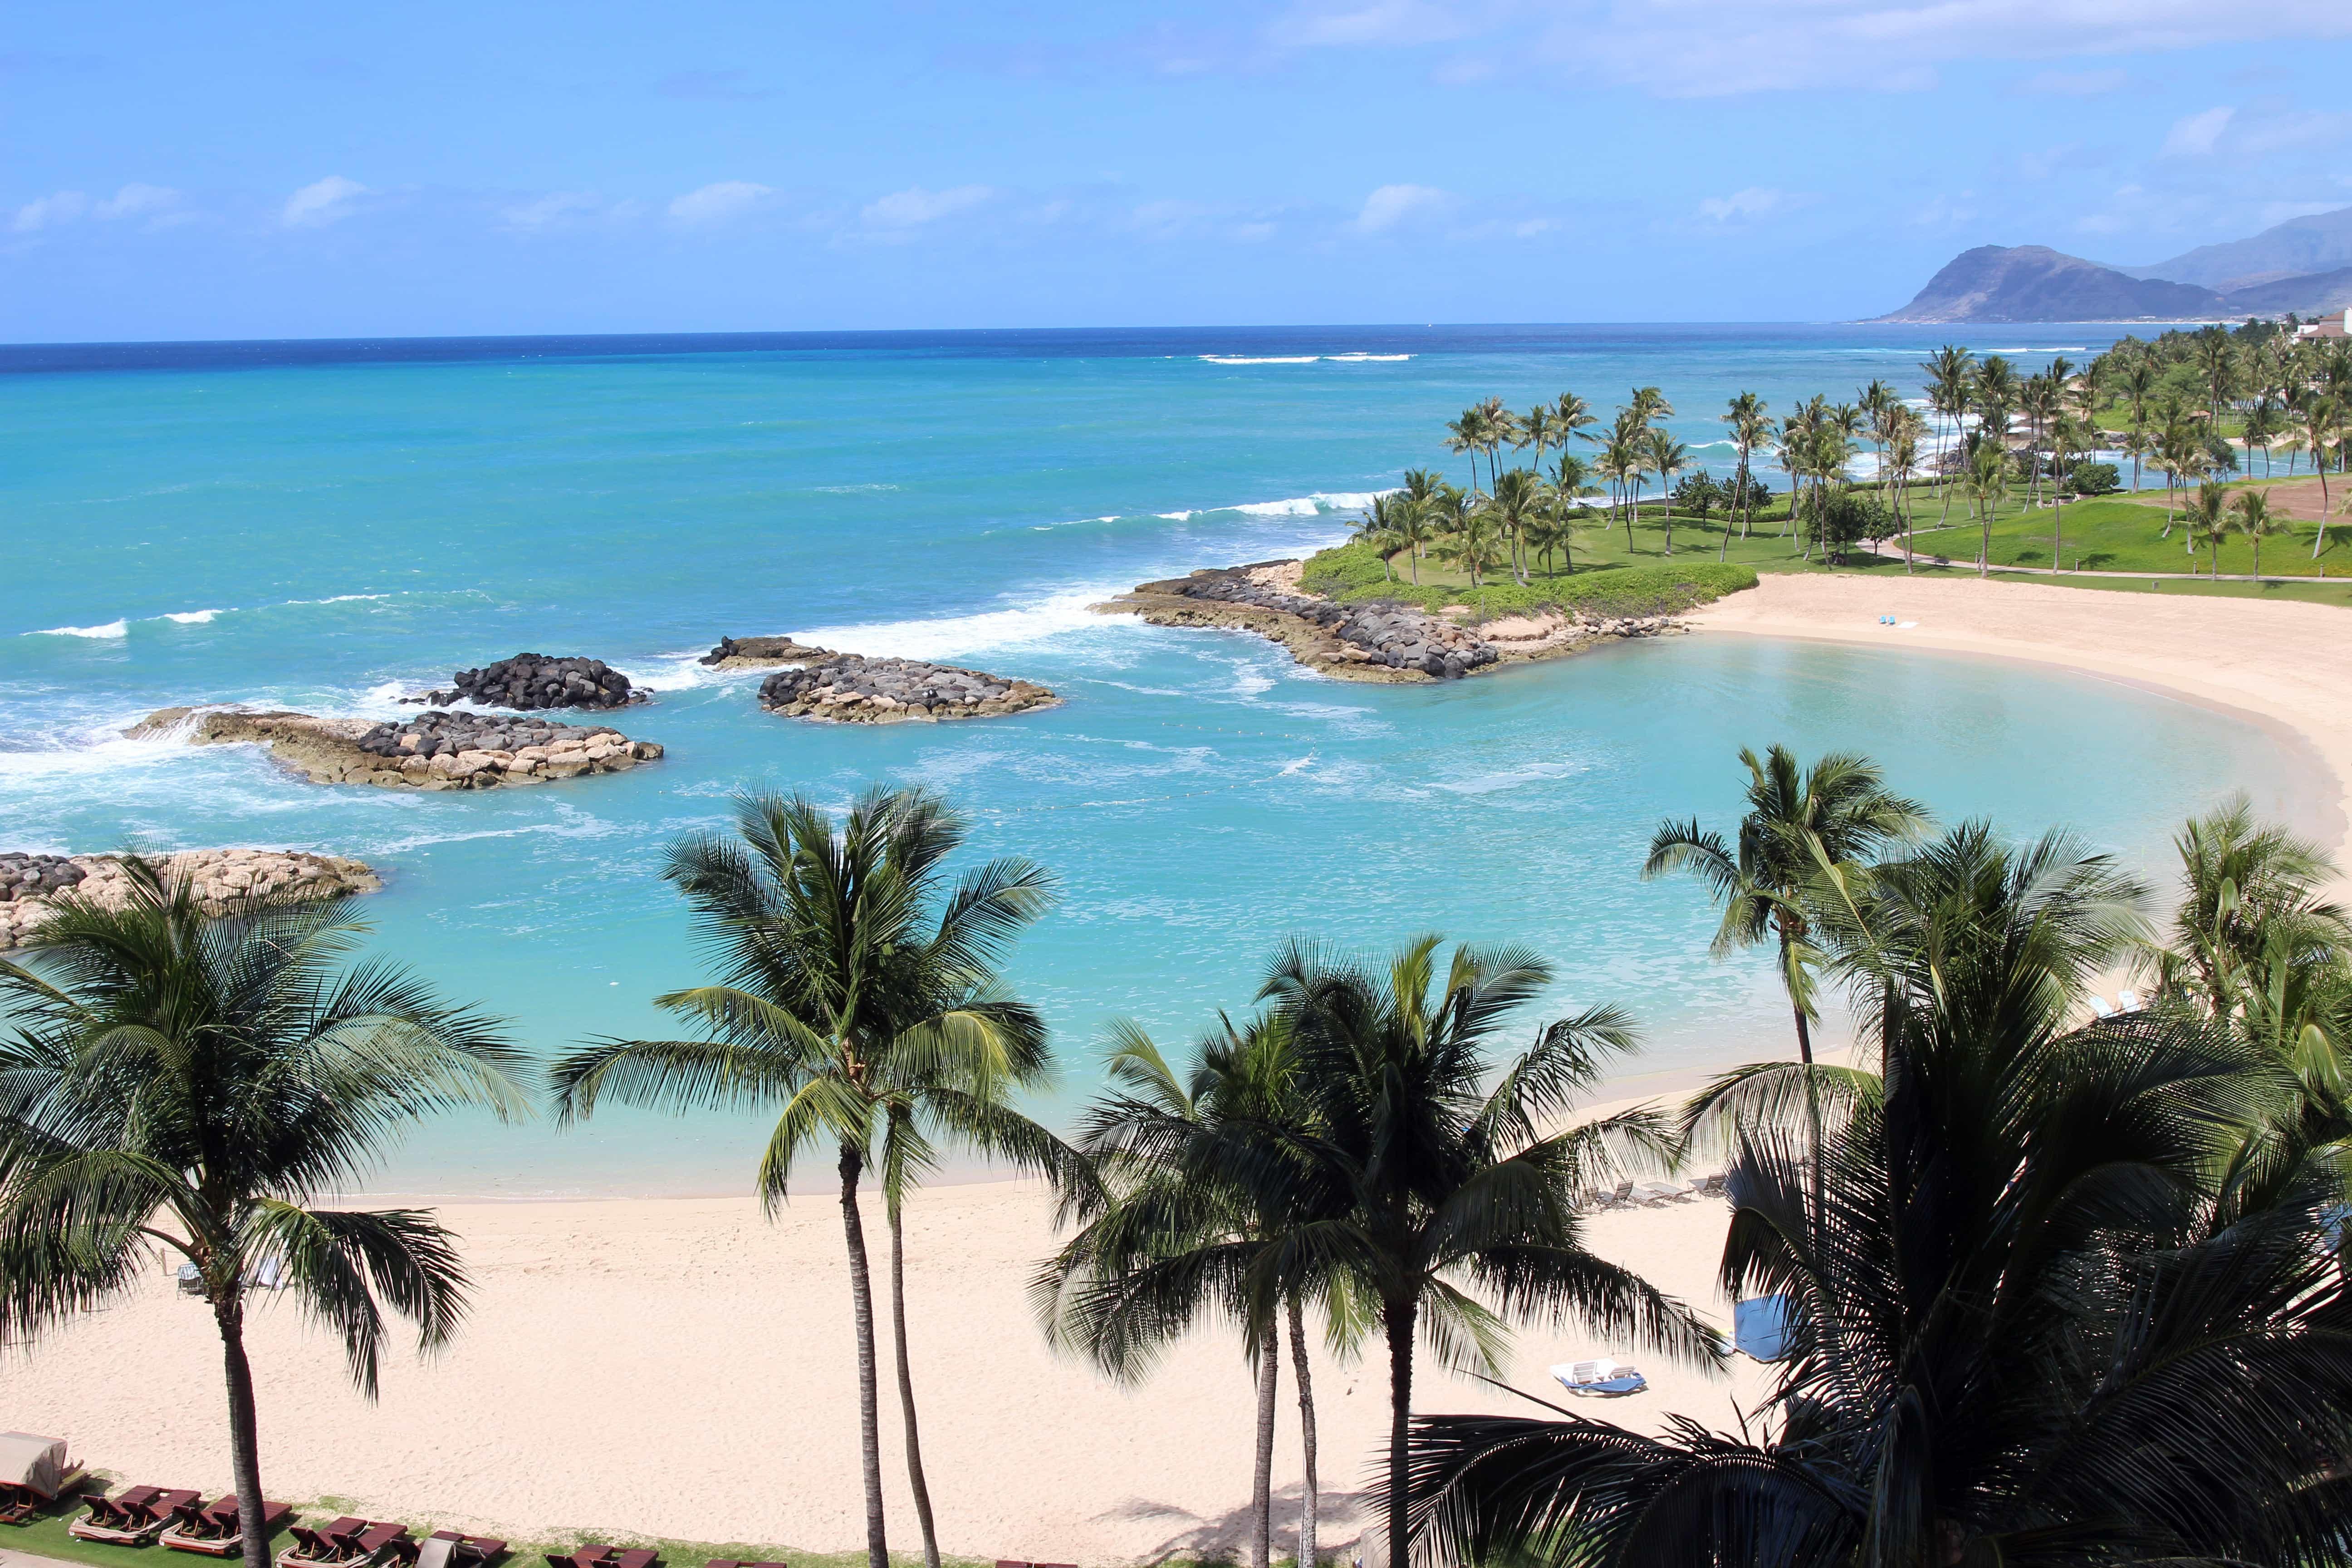 Ko Olina Beach in Hawaii